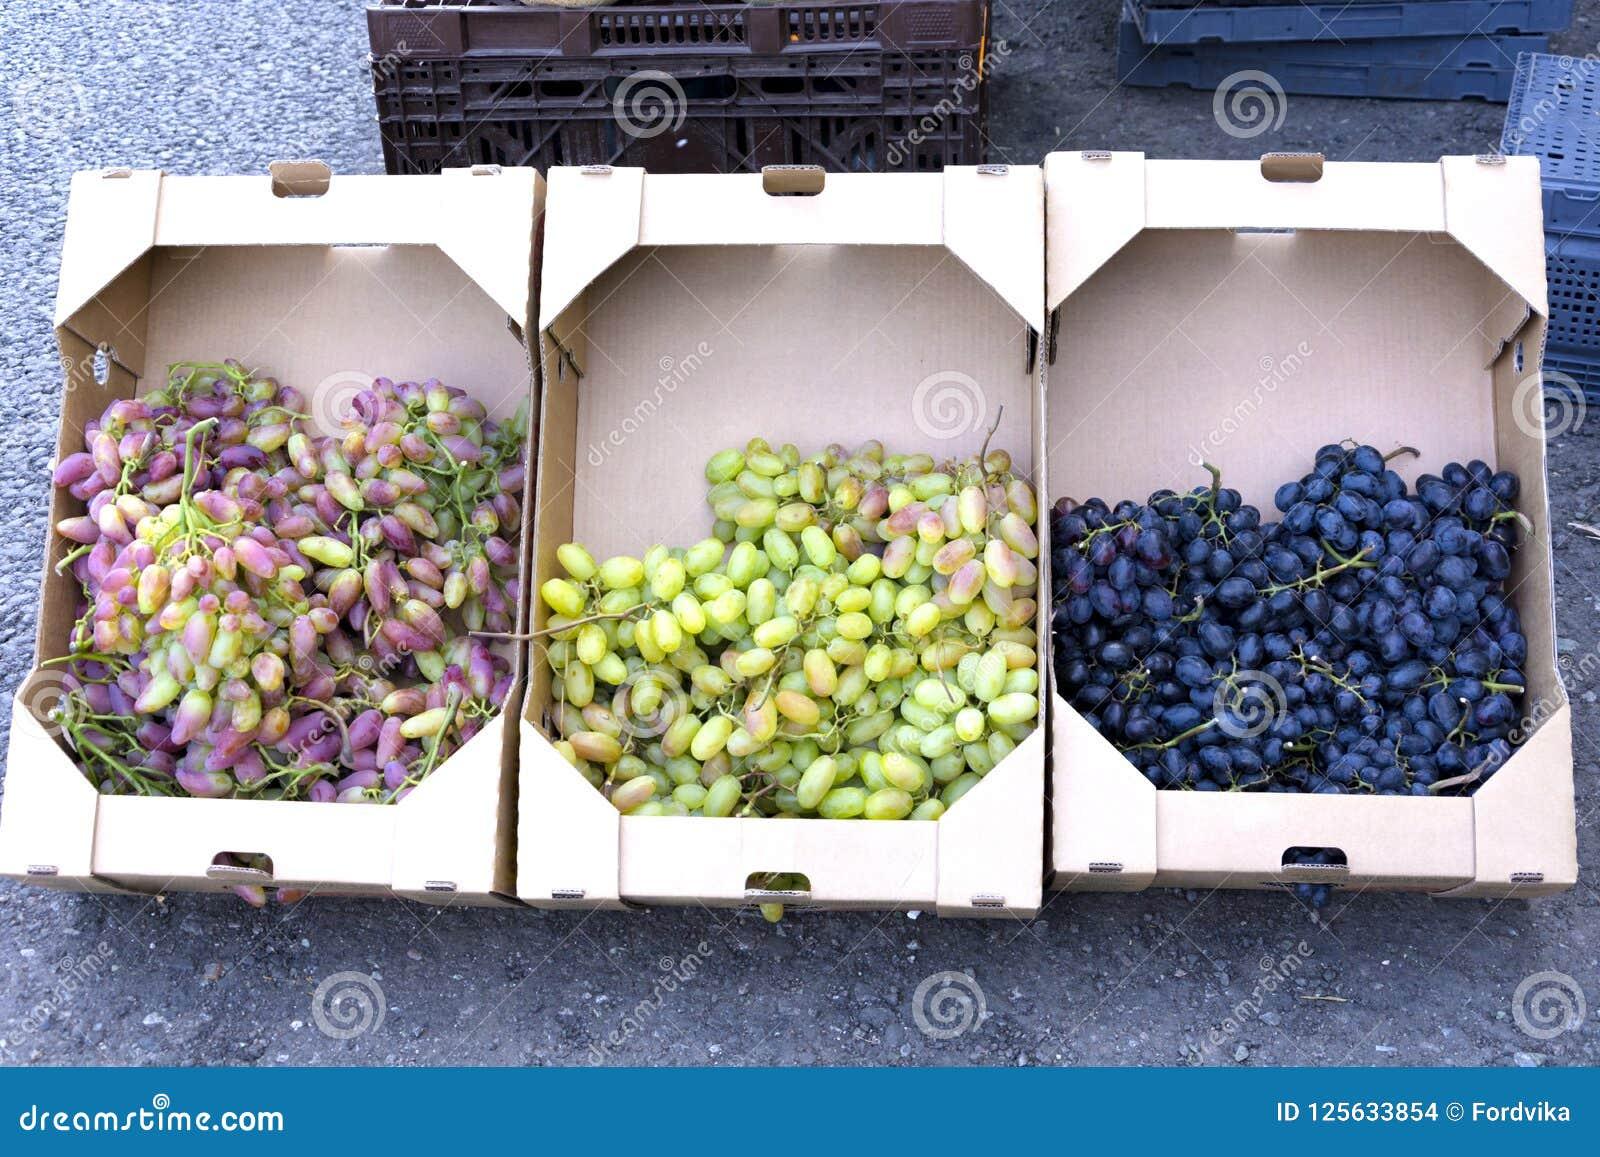 Bündel der reifen grünen Trauben für das Kochen des Weins und des Lebensmittels werden in den Pappquadratischen Kästen für Transp